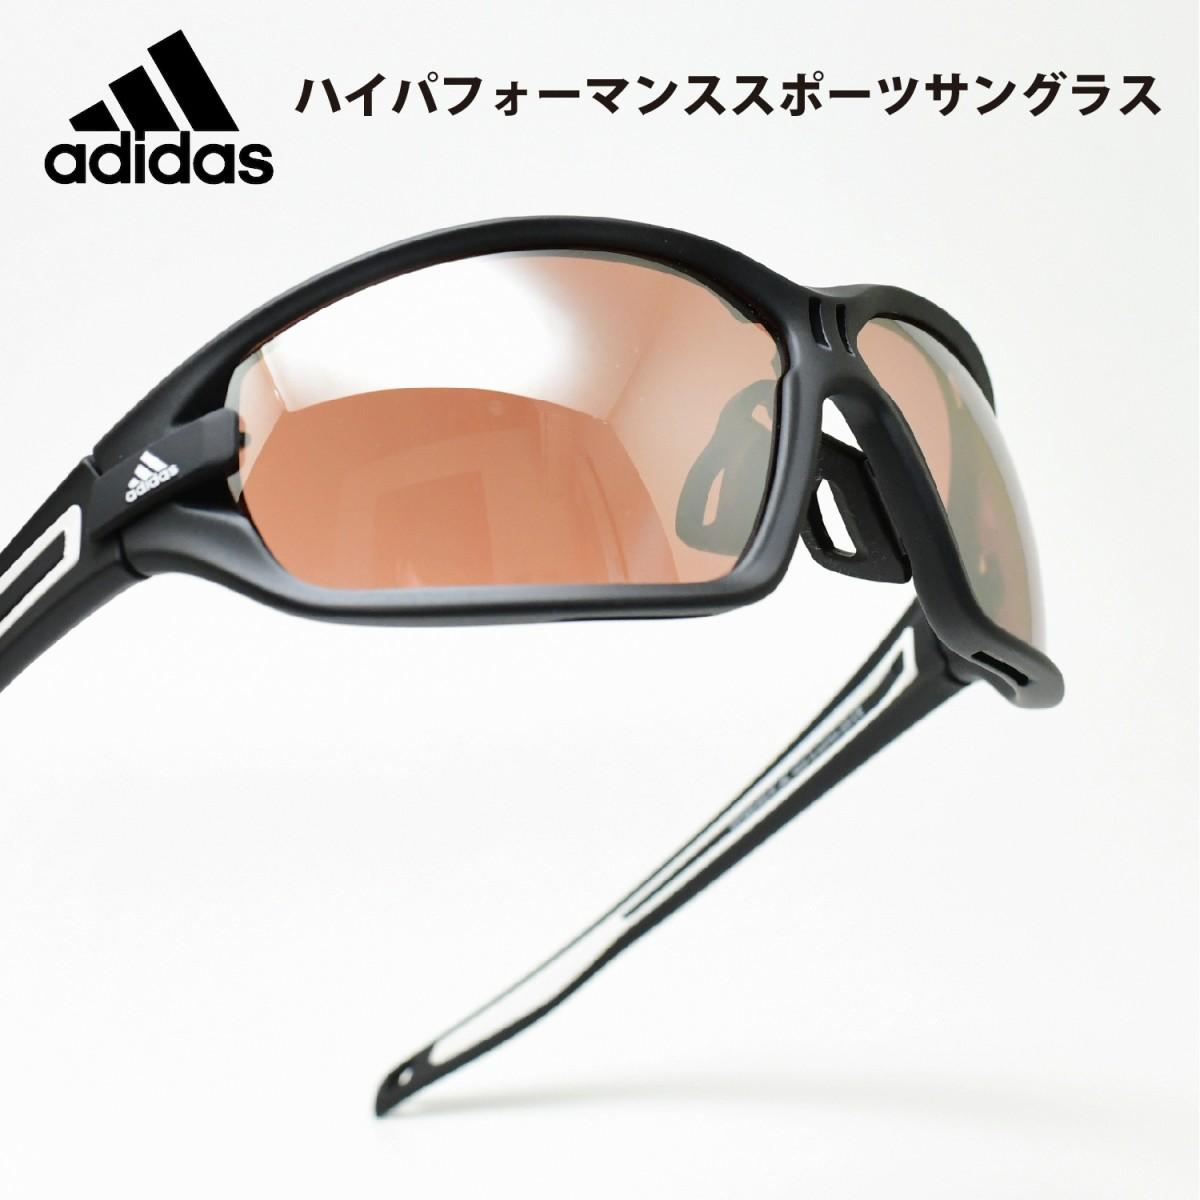 adidas アディダスevileye evo S イービルアイ エボ Sマットブラック/LSTアクティブSアウトレットSALE価格!!